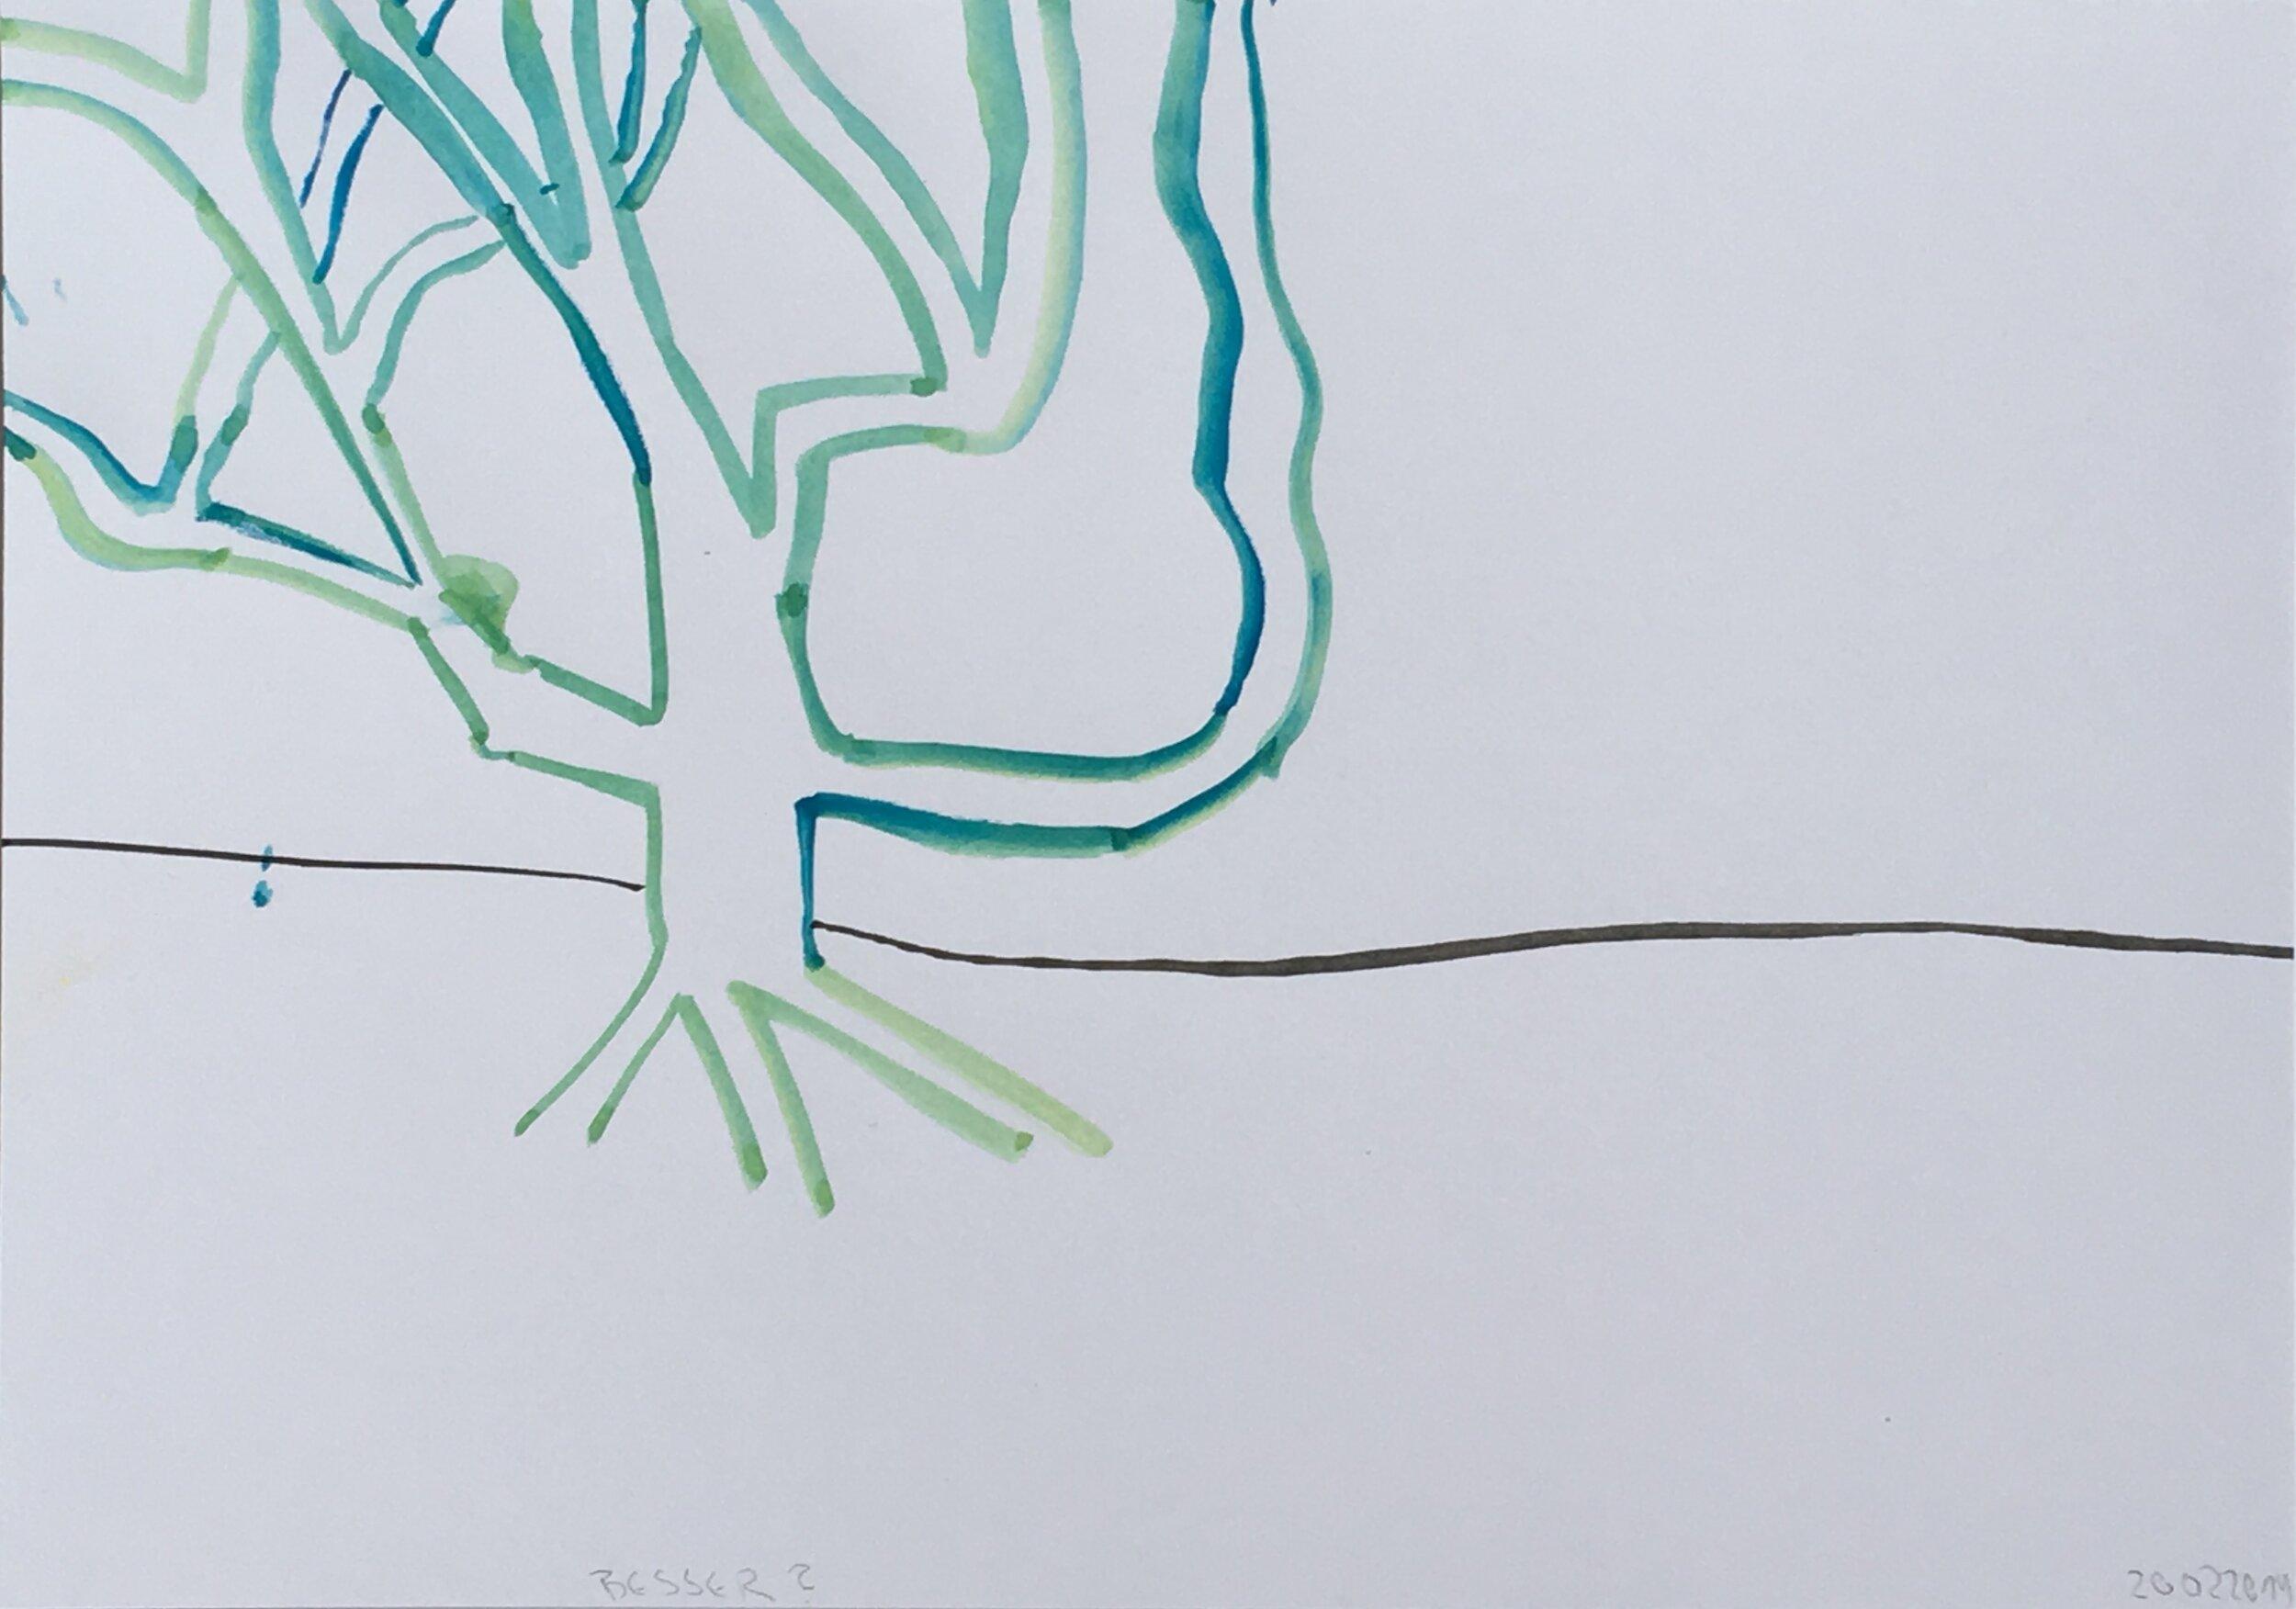 Bäume zu uns sprechen Okto 2019.jpg